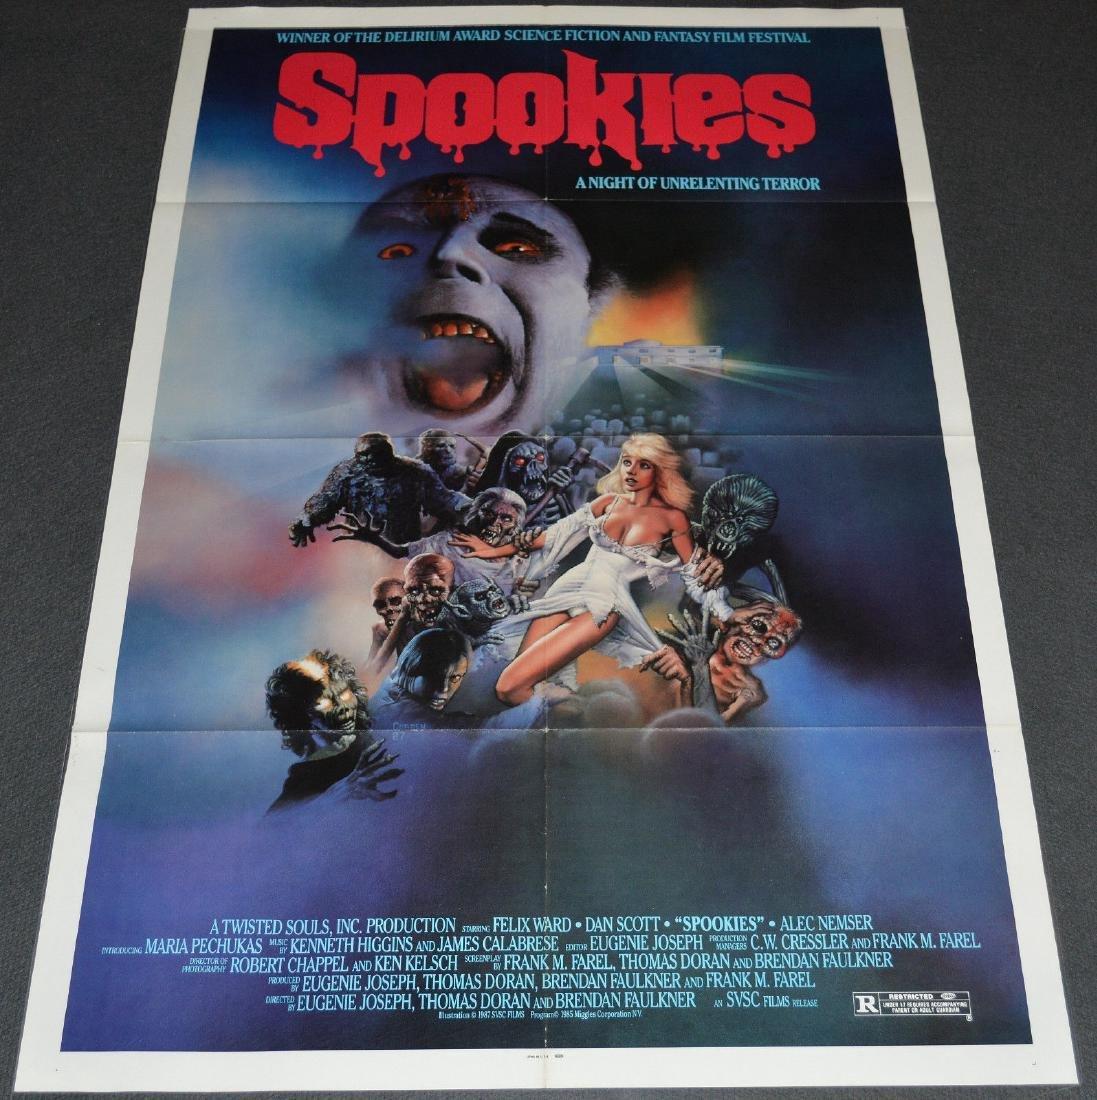 SPOOKIES 1987 Original poster